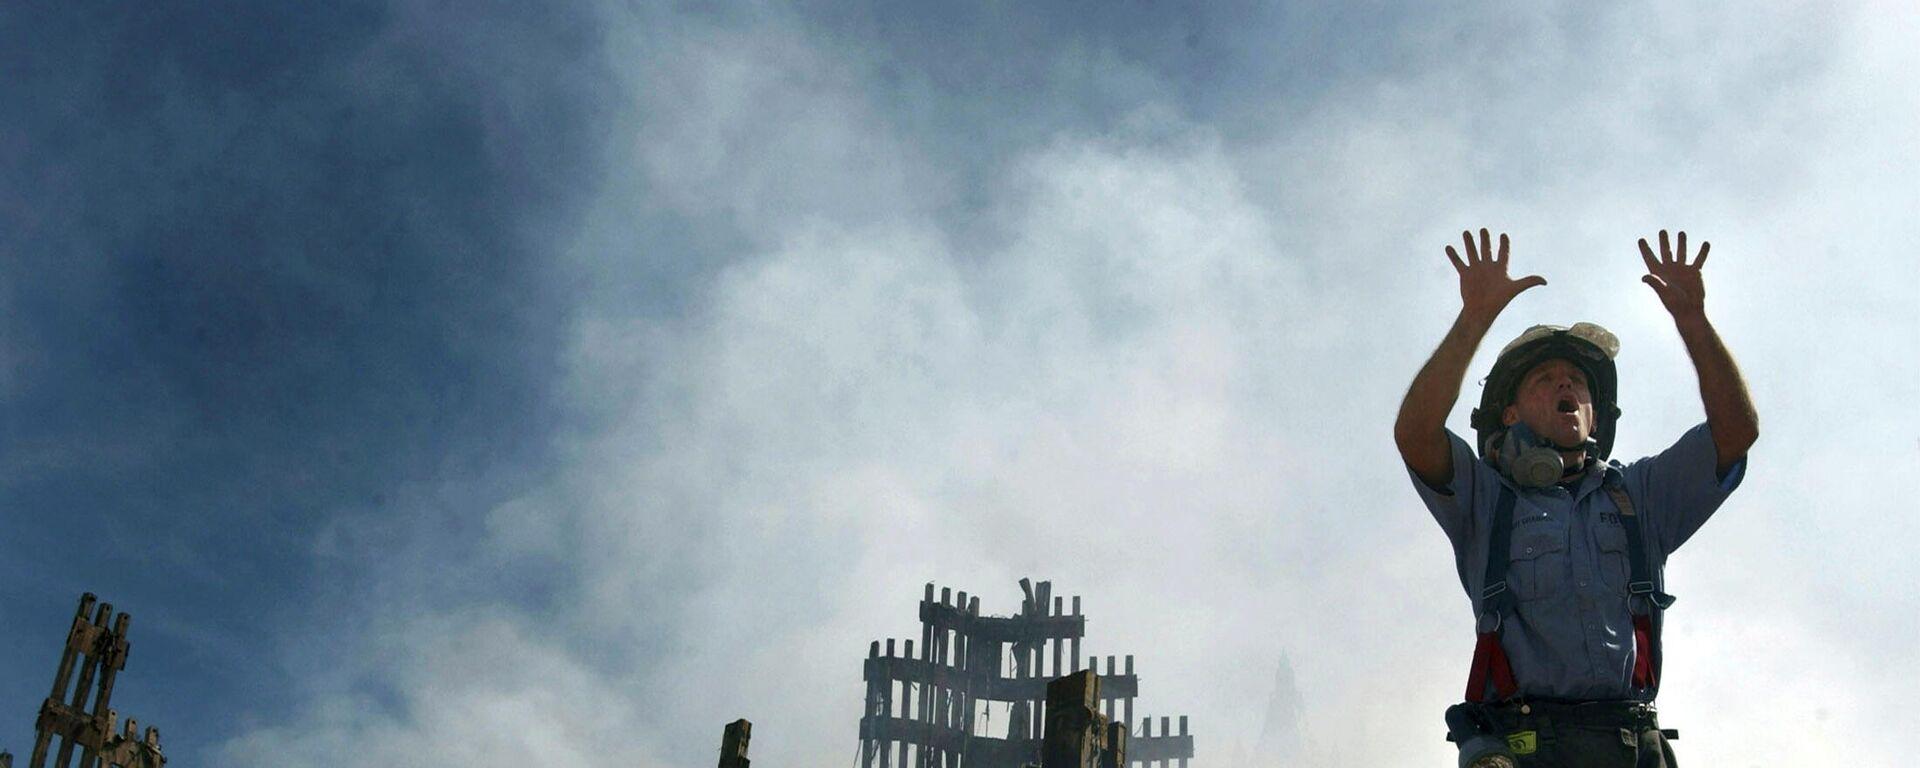 Пожарный Нью-Йорка призывает больше спасателей пробираться под завалы Всемирного торгового центра в Нью-Йорке, архивное фото - Sputnik Тоҷикистон, 1920, 06.09.2021